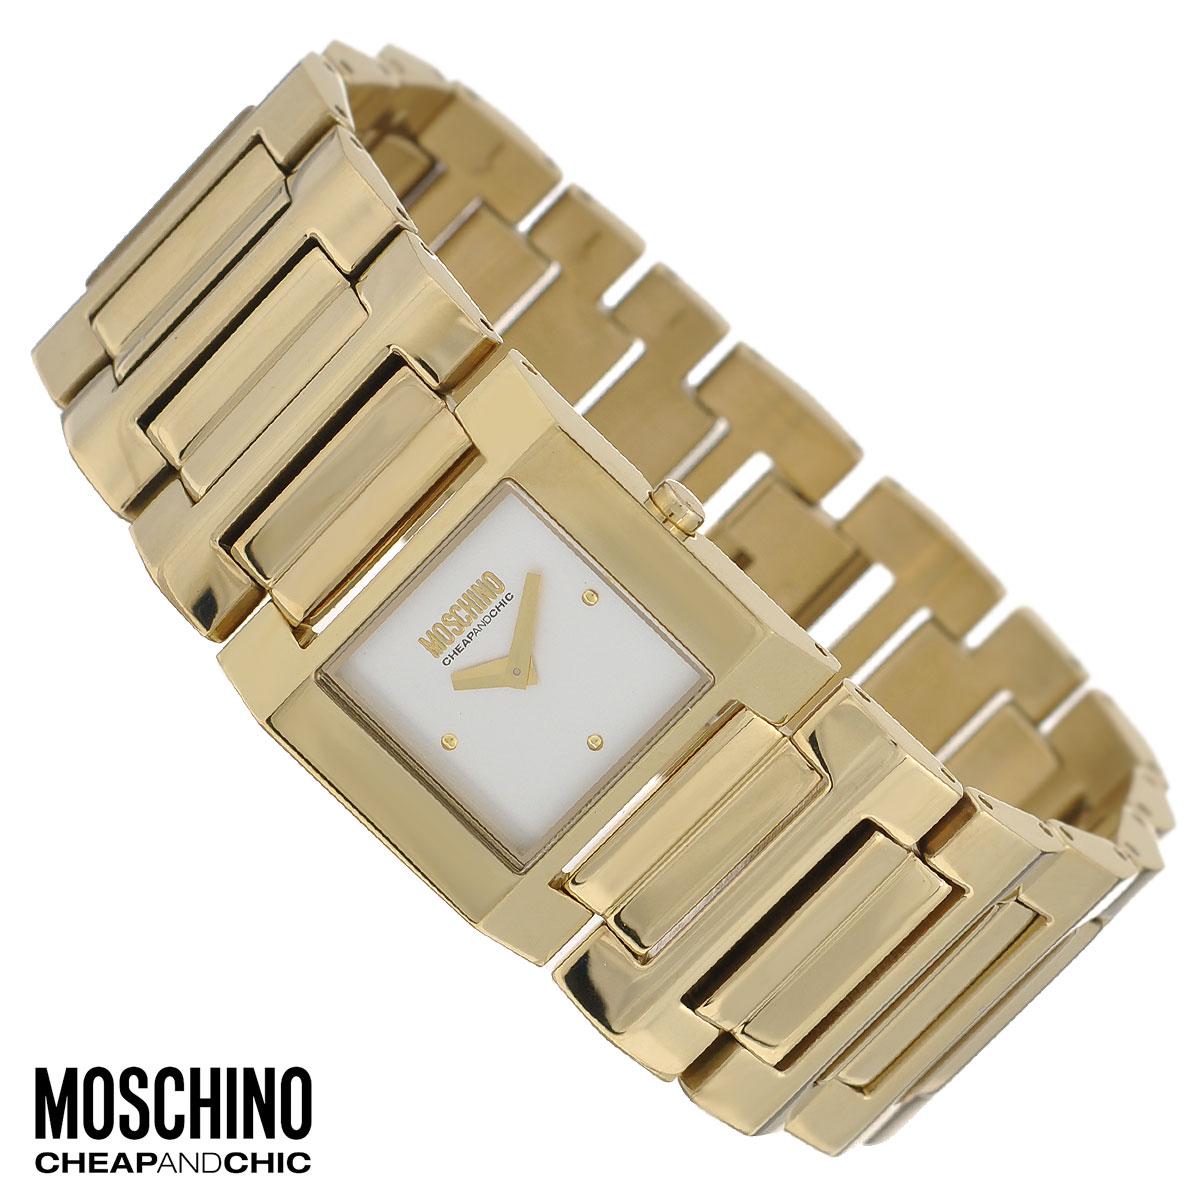 Часы женские наручные Moschino, цвет: золотой. MW0358MW0358Наручные часы от известного итальянского бренда Moschino - это не только стильный и функциональный аксессуар, но и современные технологи, сочетающиеся с экстравагантным дизайном и индивидуальностью. Часы Moschino оснащены кварцевым механизмом. Корпус выполнен из высококачественной нержавеющей стали с PVD-покрытием. Циферблат с отметками защищен минеральным стеклом. Часы имеют две стрелки - часовую и минутную. Браслет часов выполнен из нержавеющей стали с PVD-покрытием и оснащен застежкой-клипсой. Часы упакованы в фирменную металлическую коробку с логотипом бренда. Часы Moschino благодаря своему уникальному дизайну отличаются от часов других марок своеобразными циферблатами, функциональностью, а также набором уникальных технических свойств. Каждой модели присуща легкая экстравагантность, самобытность и, безусловно, великолепный вкус. Характеристики: Размер циферблата: 1,6 см х 1,6 см. Размер корпуса: 2,5 см х 2,5 см х 0,6...